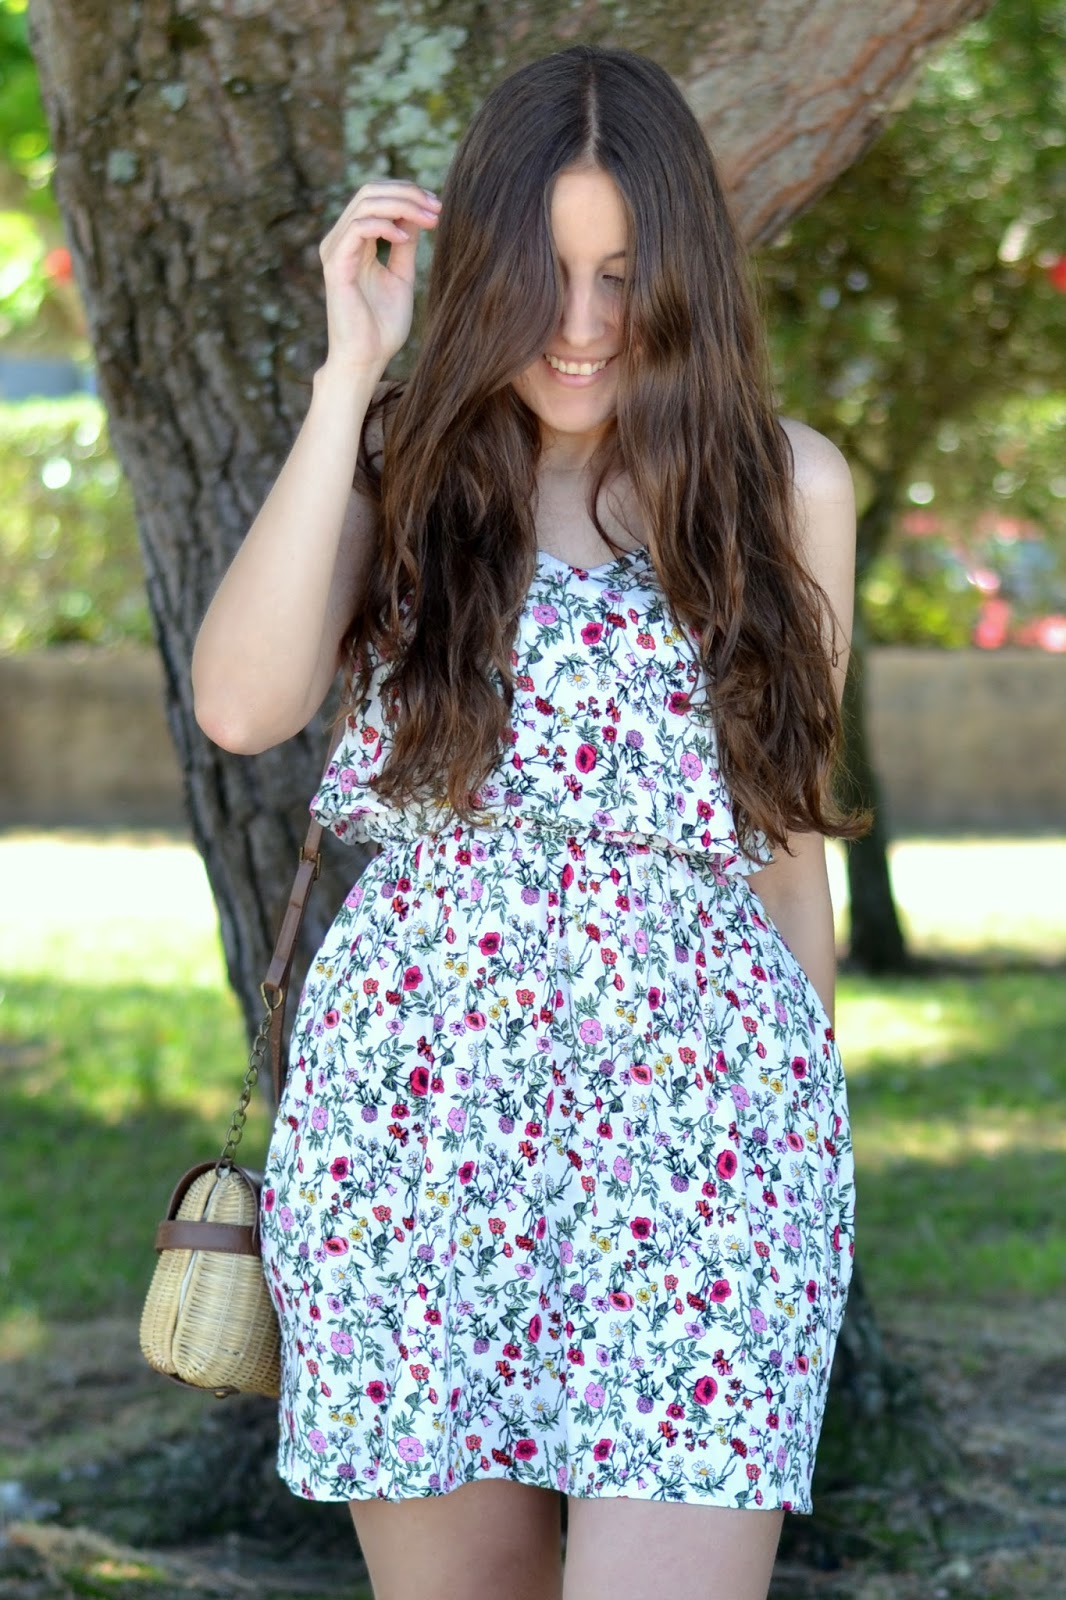 H&M Coachella floral dress